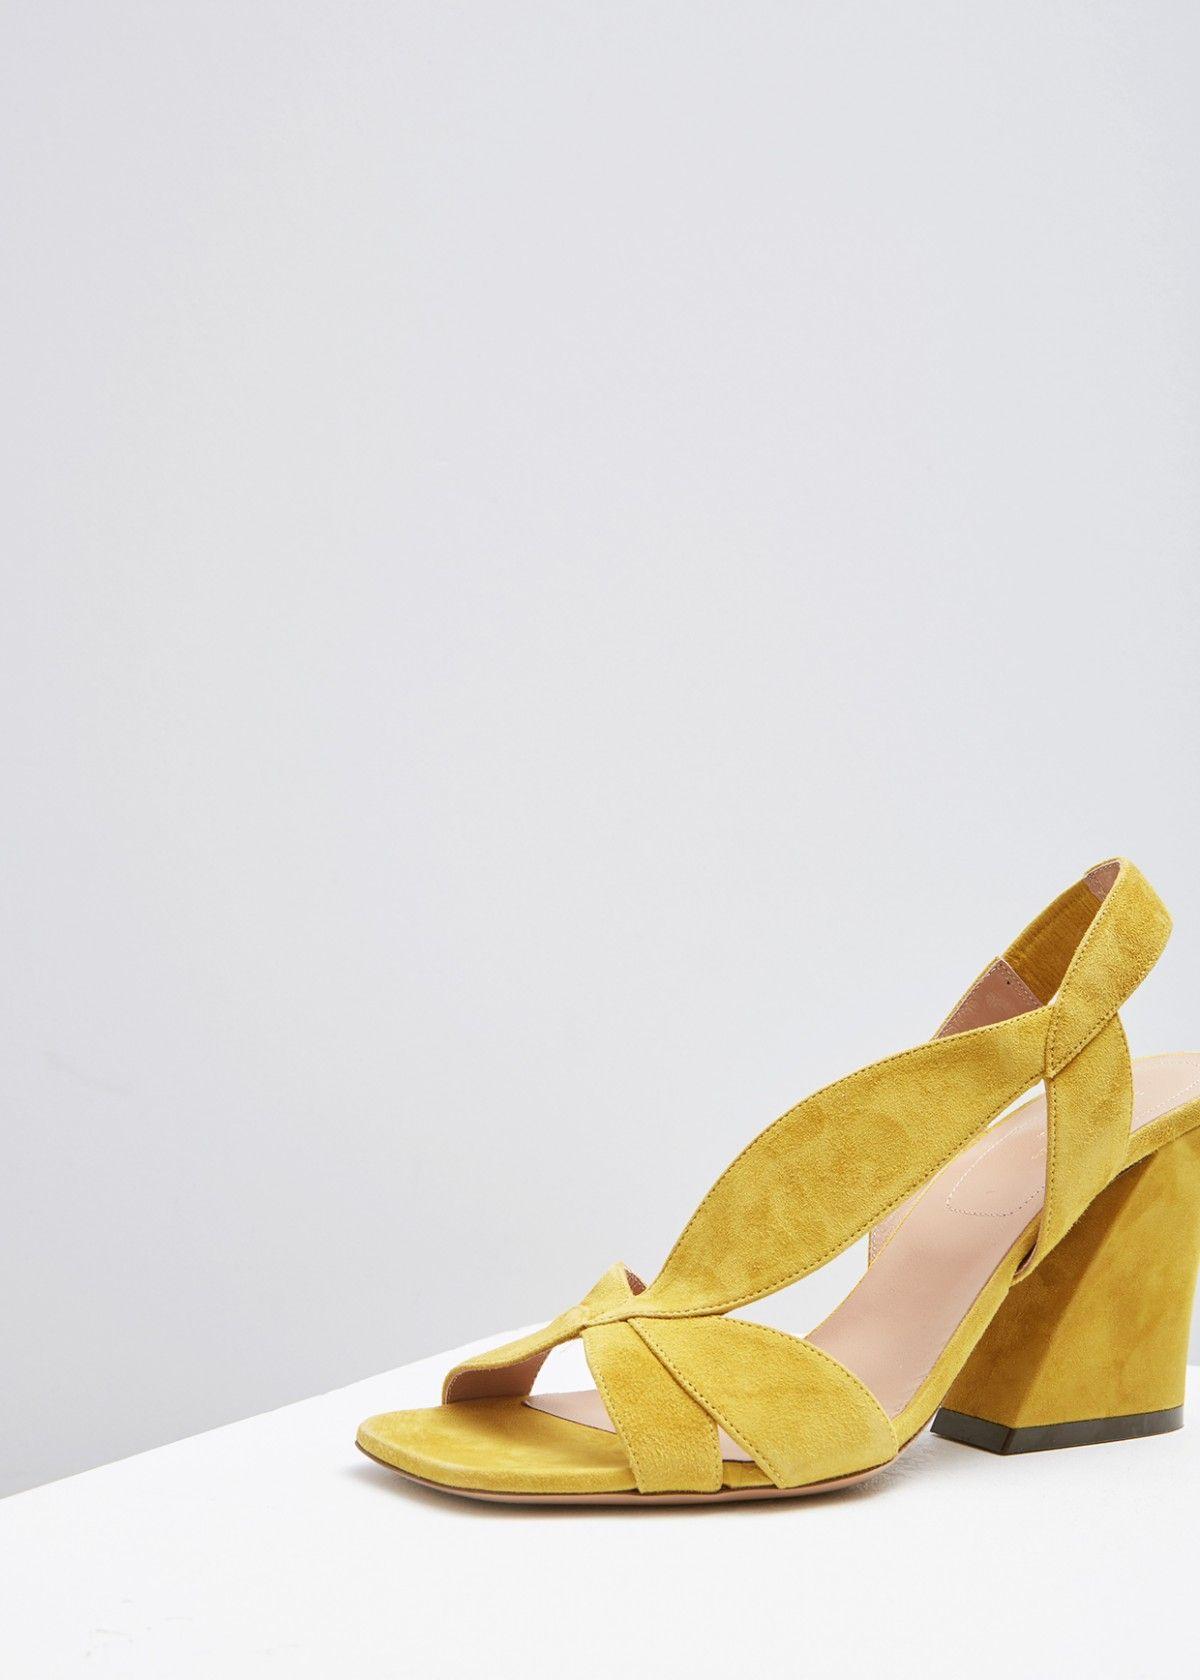 a5c120726c5a Dries van Noten suede sandals